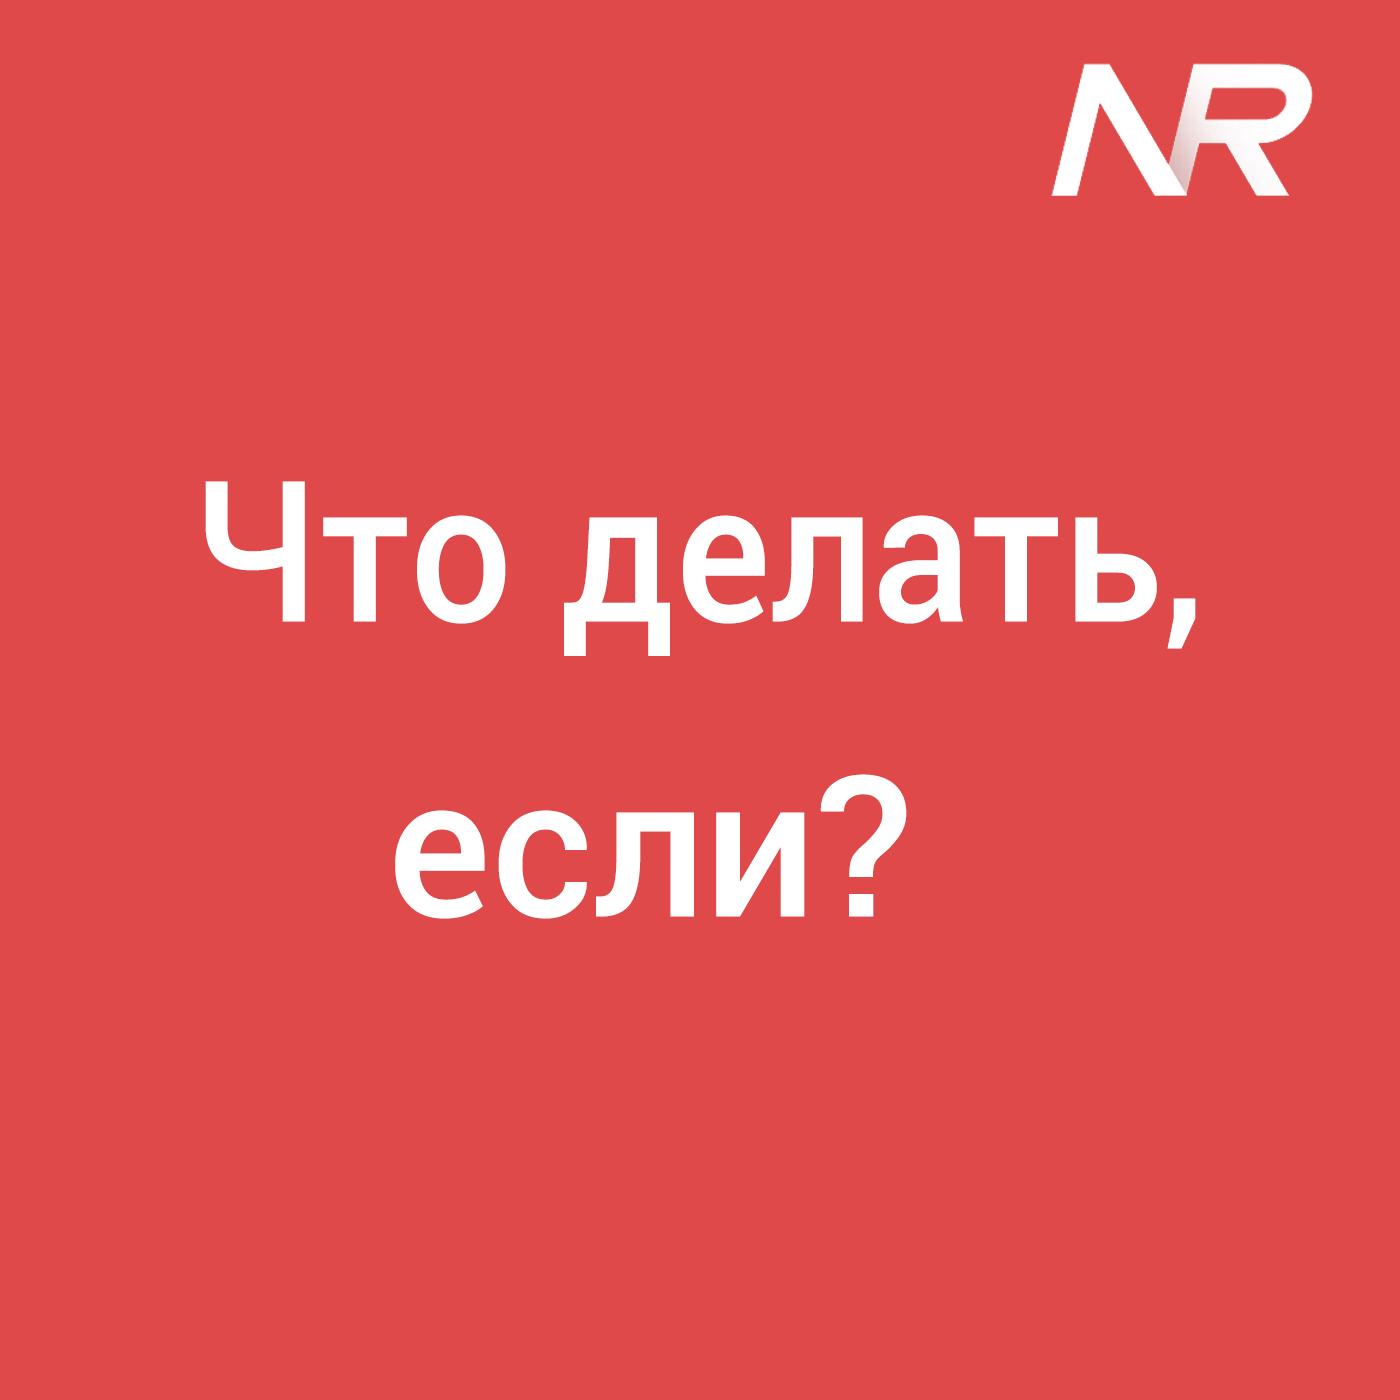 Что делать, если?